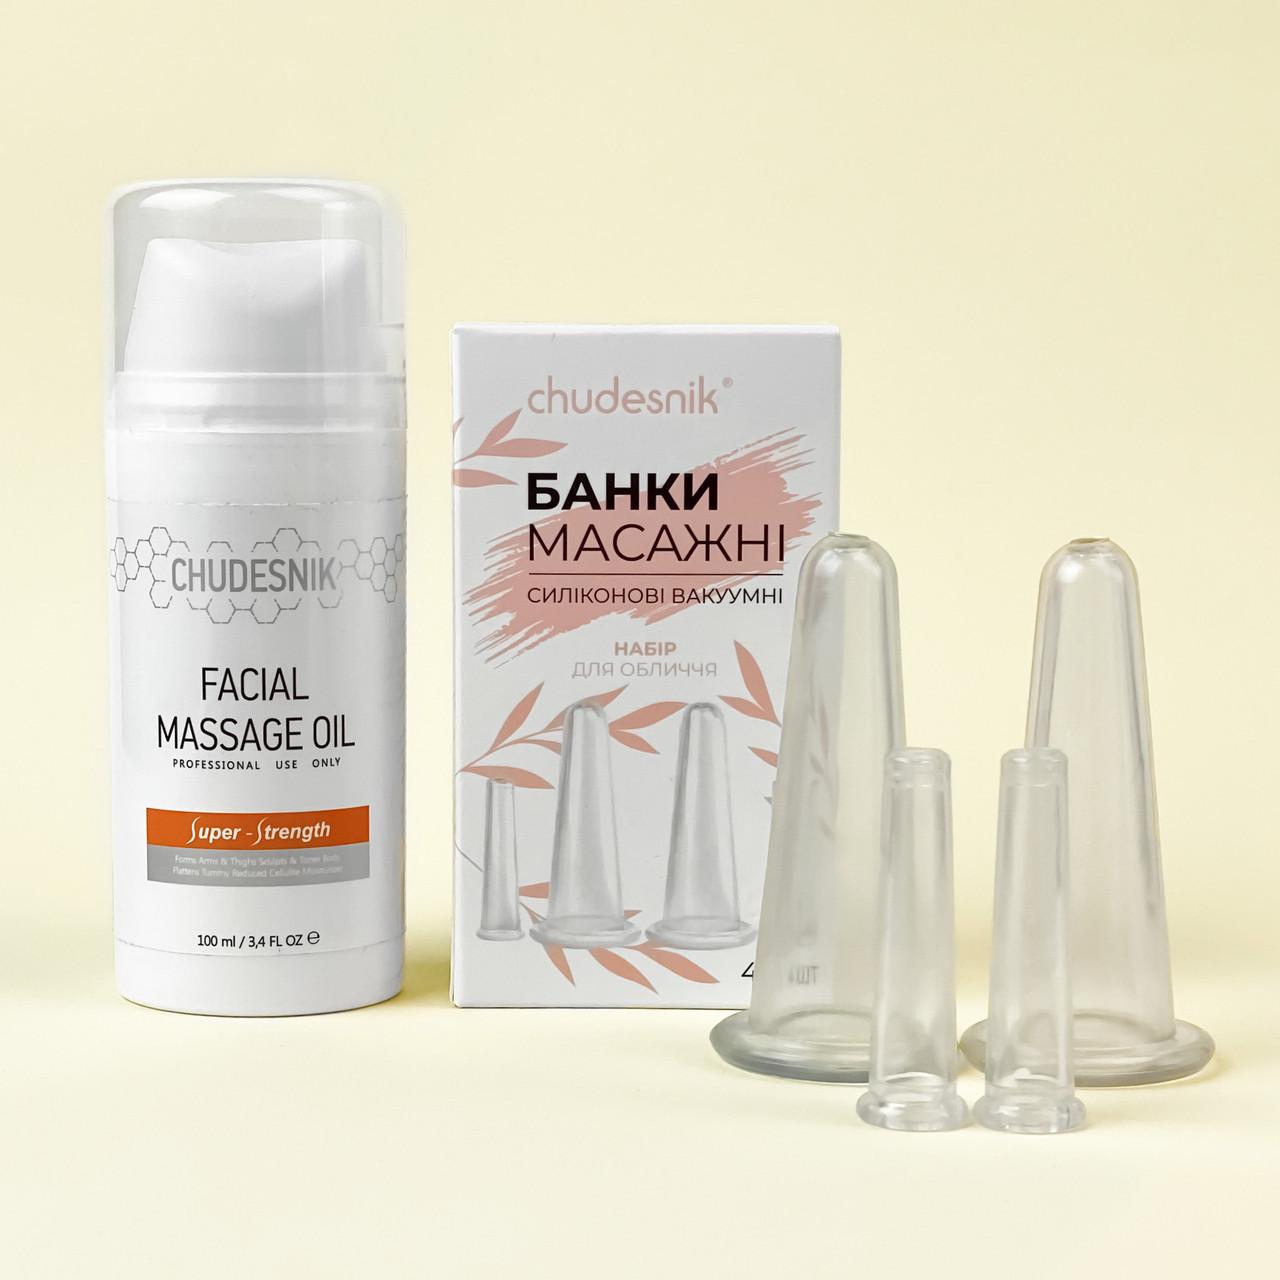 Массажный набор для лица CHUDESNIK с маслом 100 мл